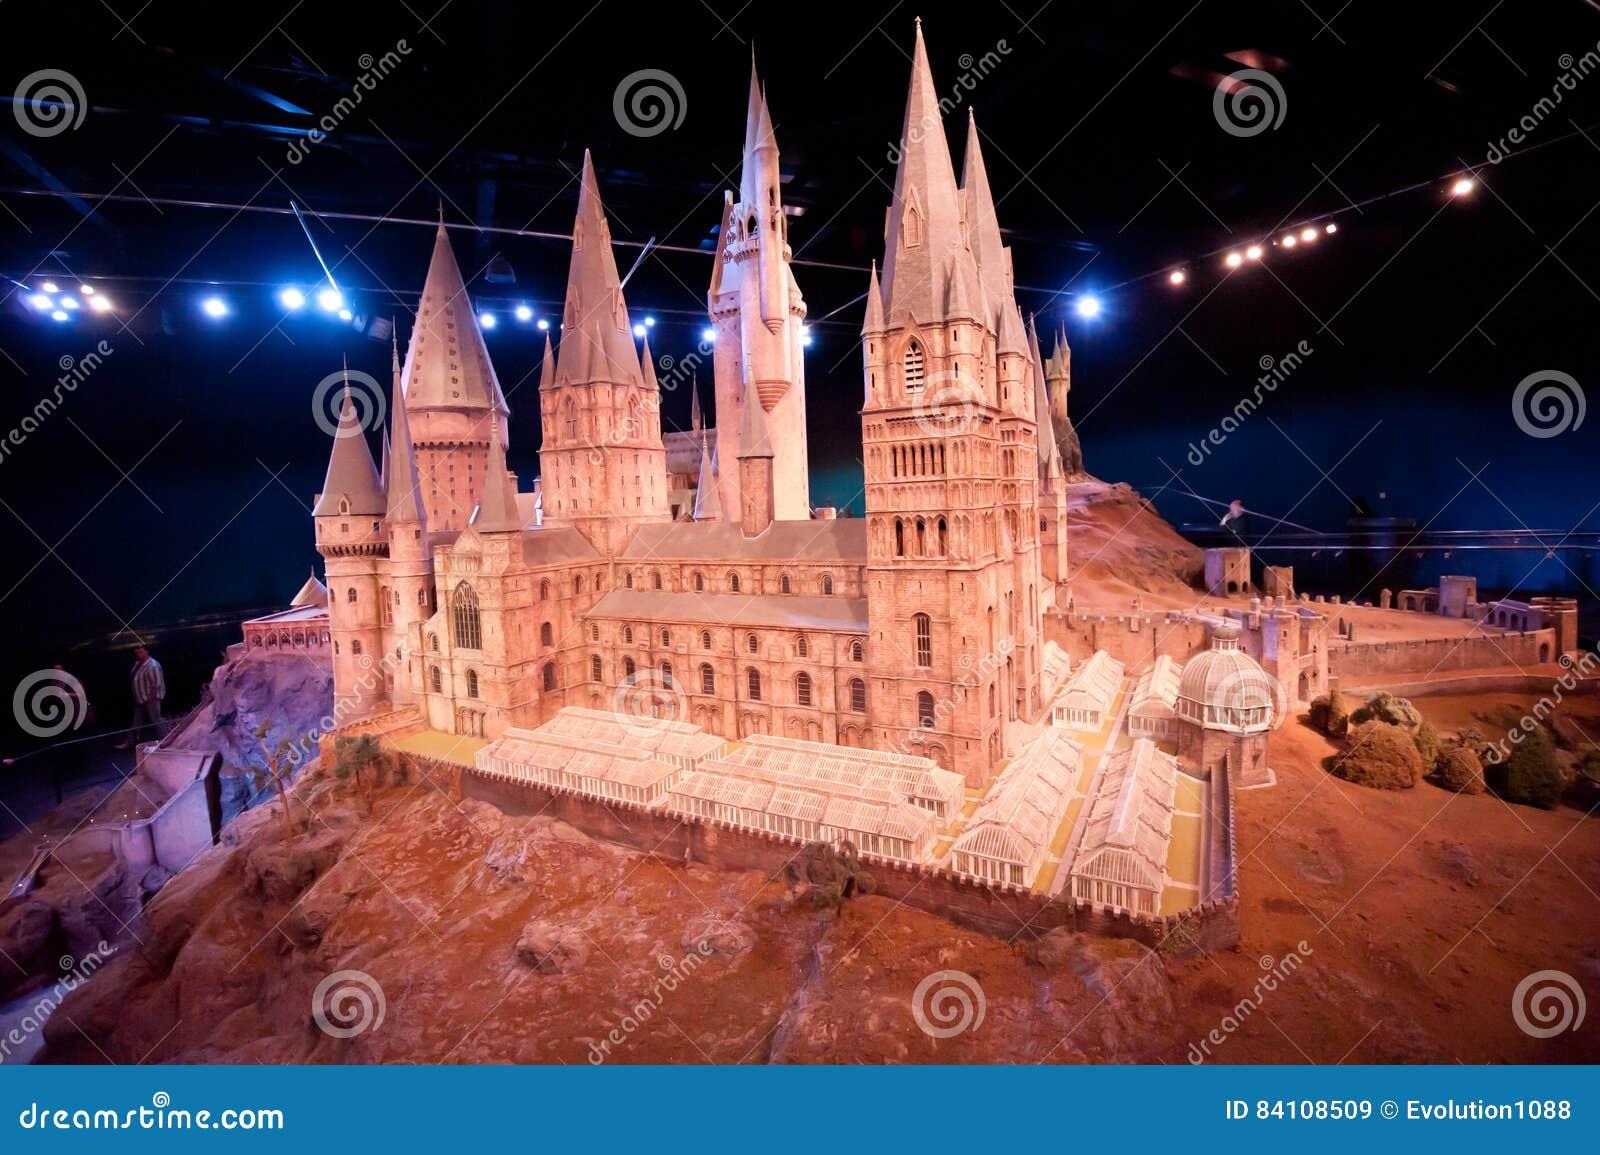 Harry Potter Castle på Warner Bros Studio Tour London